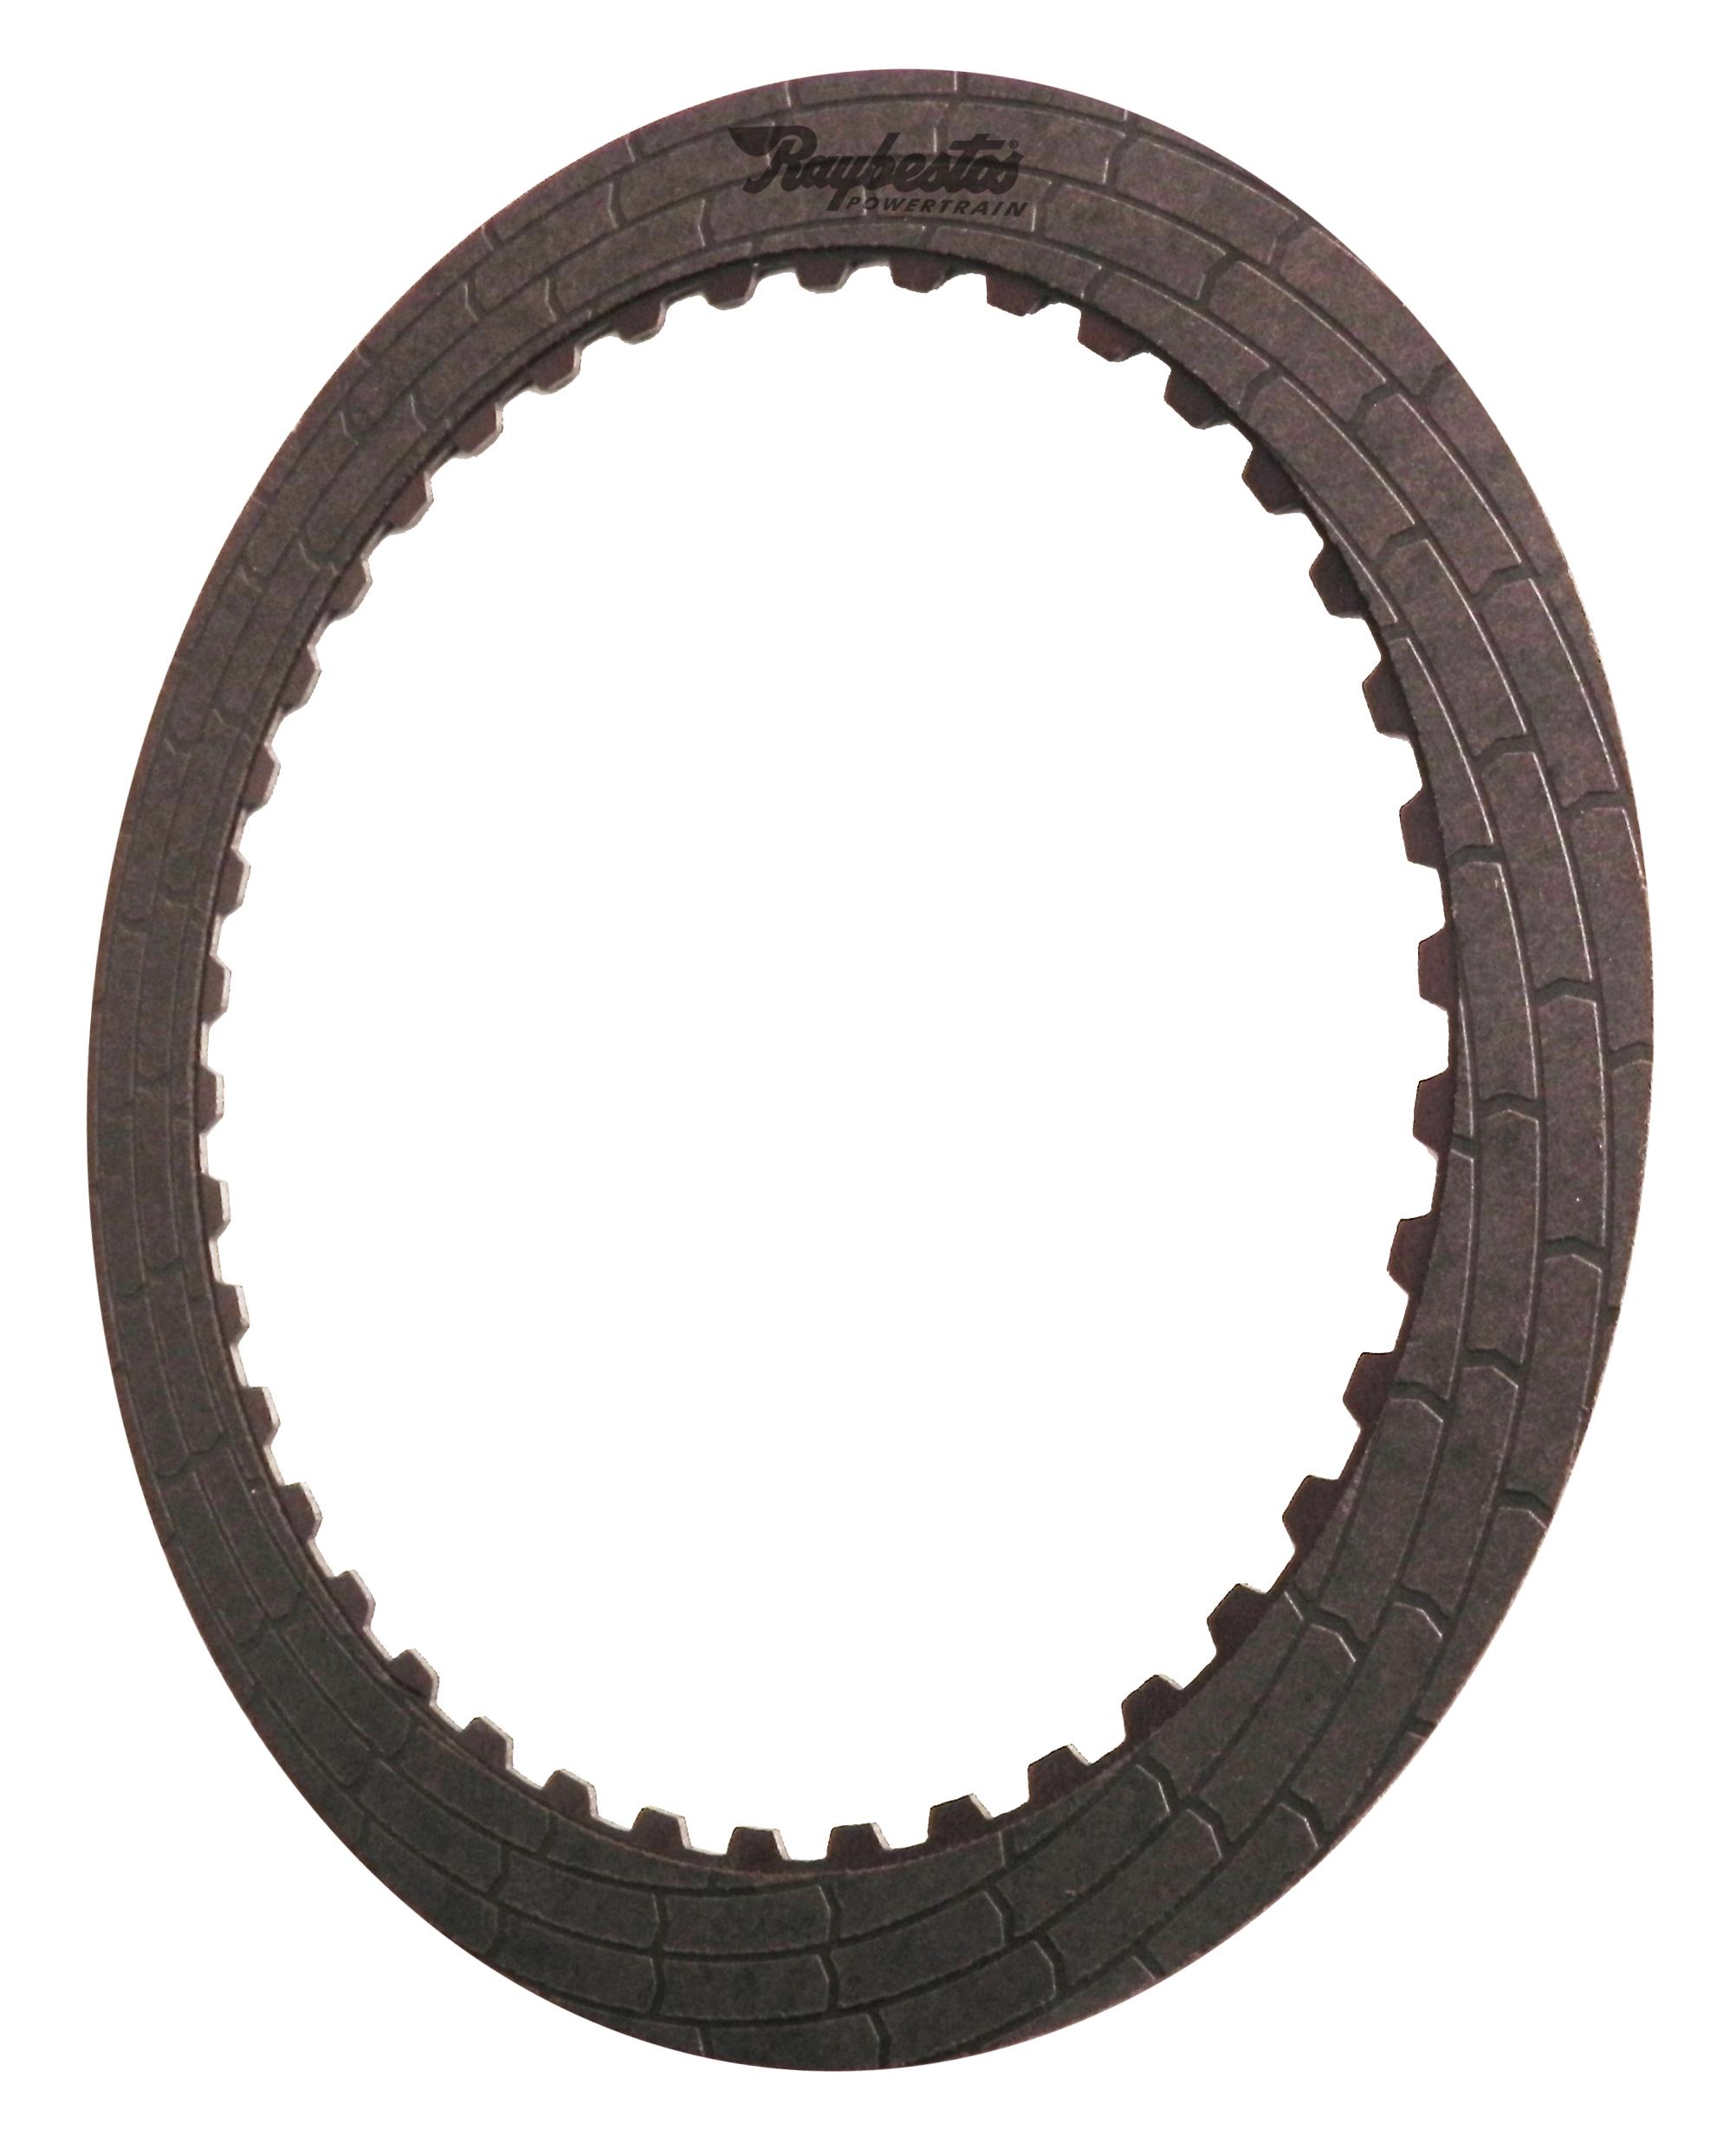 RH563520 | 2003-ON Friction Clutch Plate (HT) Hybrid Technology #3 Brake (2nd) Proprietary High Energy (HT)